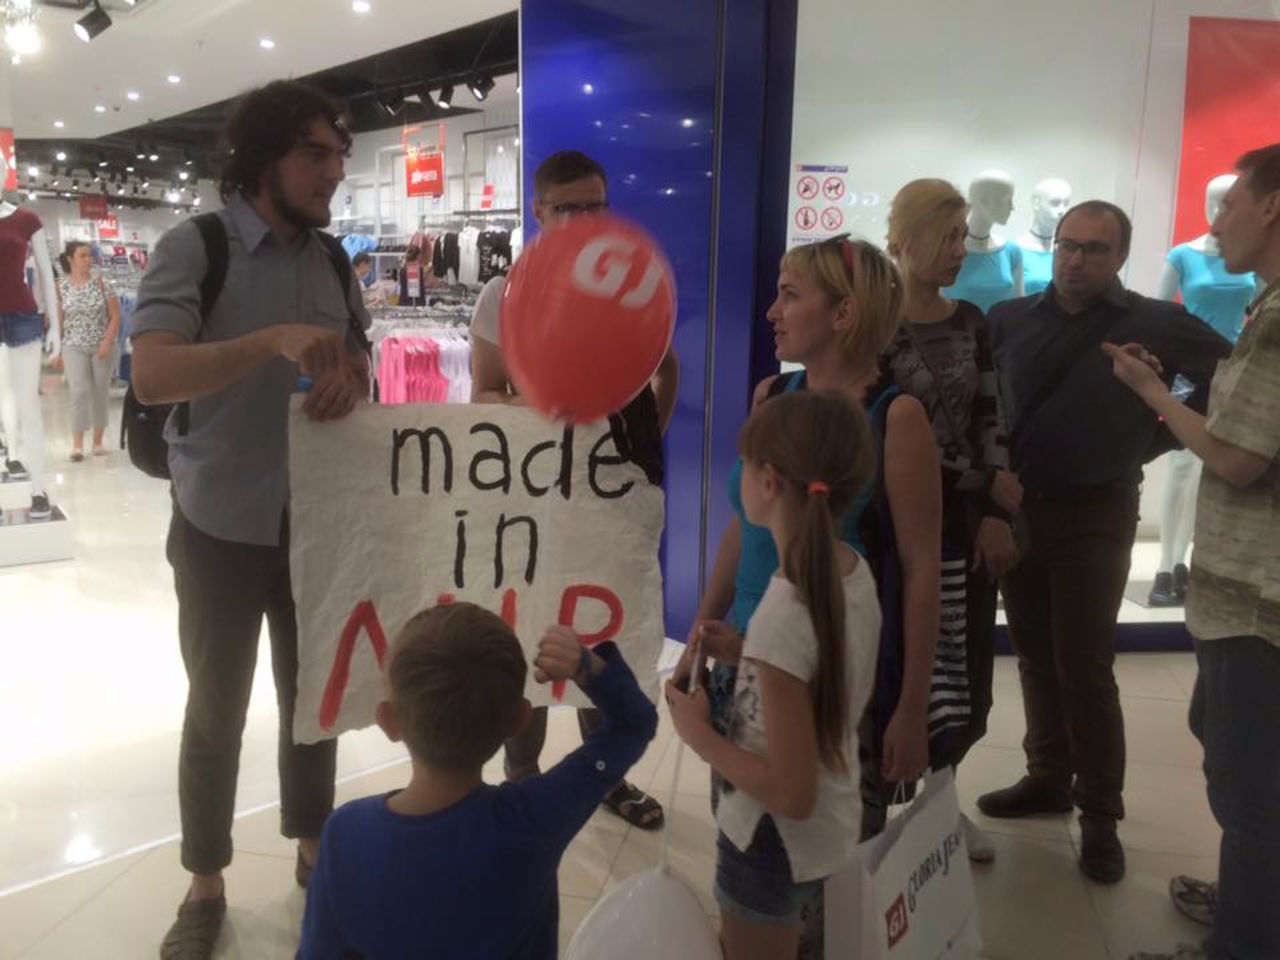 ВКиеве при открытии магазина одежды из Российской Федерации произошла драка